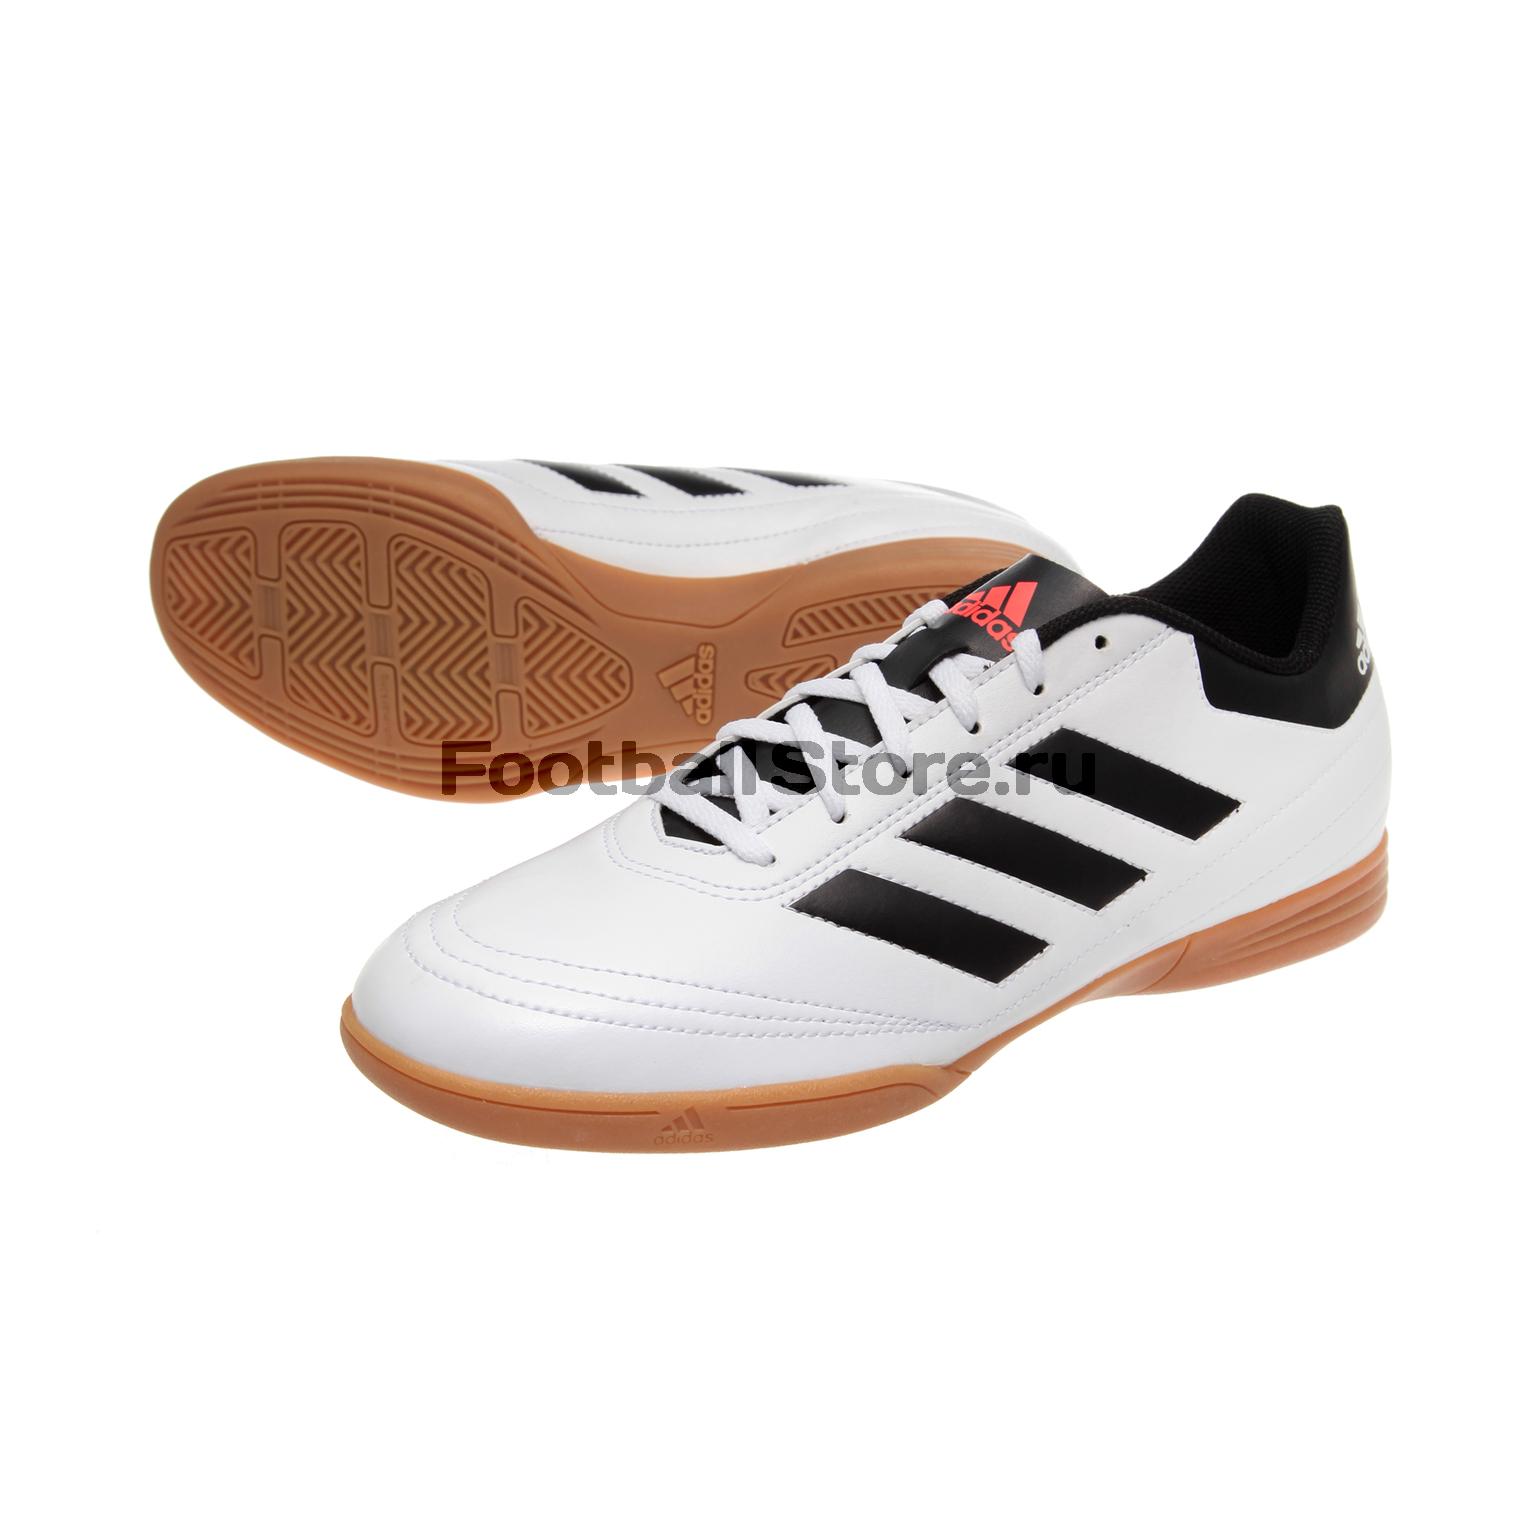 c20e750a Обувь для зала Adidas Goletto VI IN AQ4292 – купить футзалки в ...